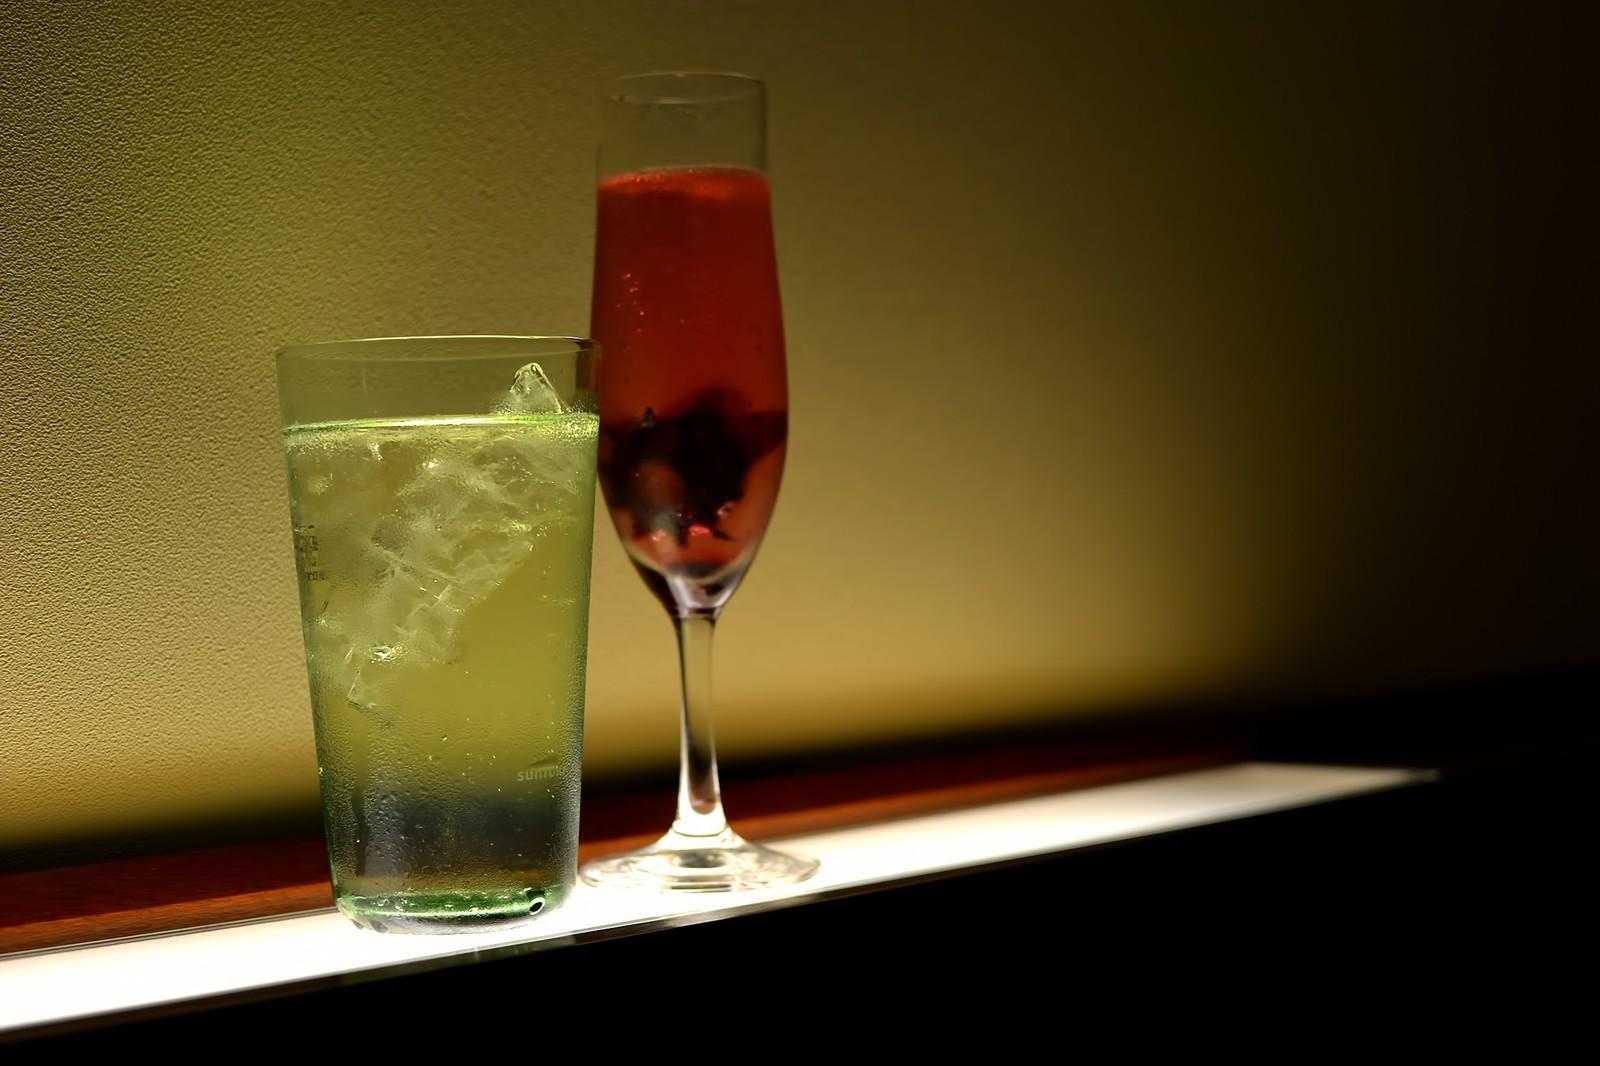 食事中のお酒お水、ワインと水